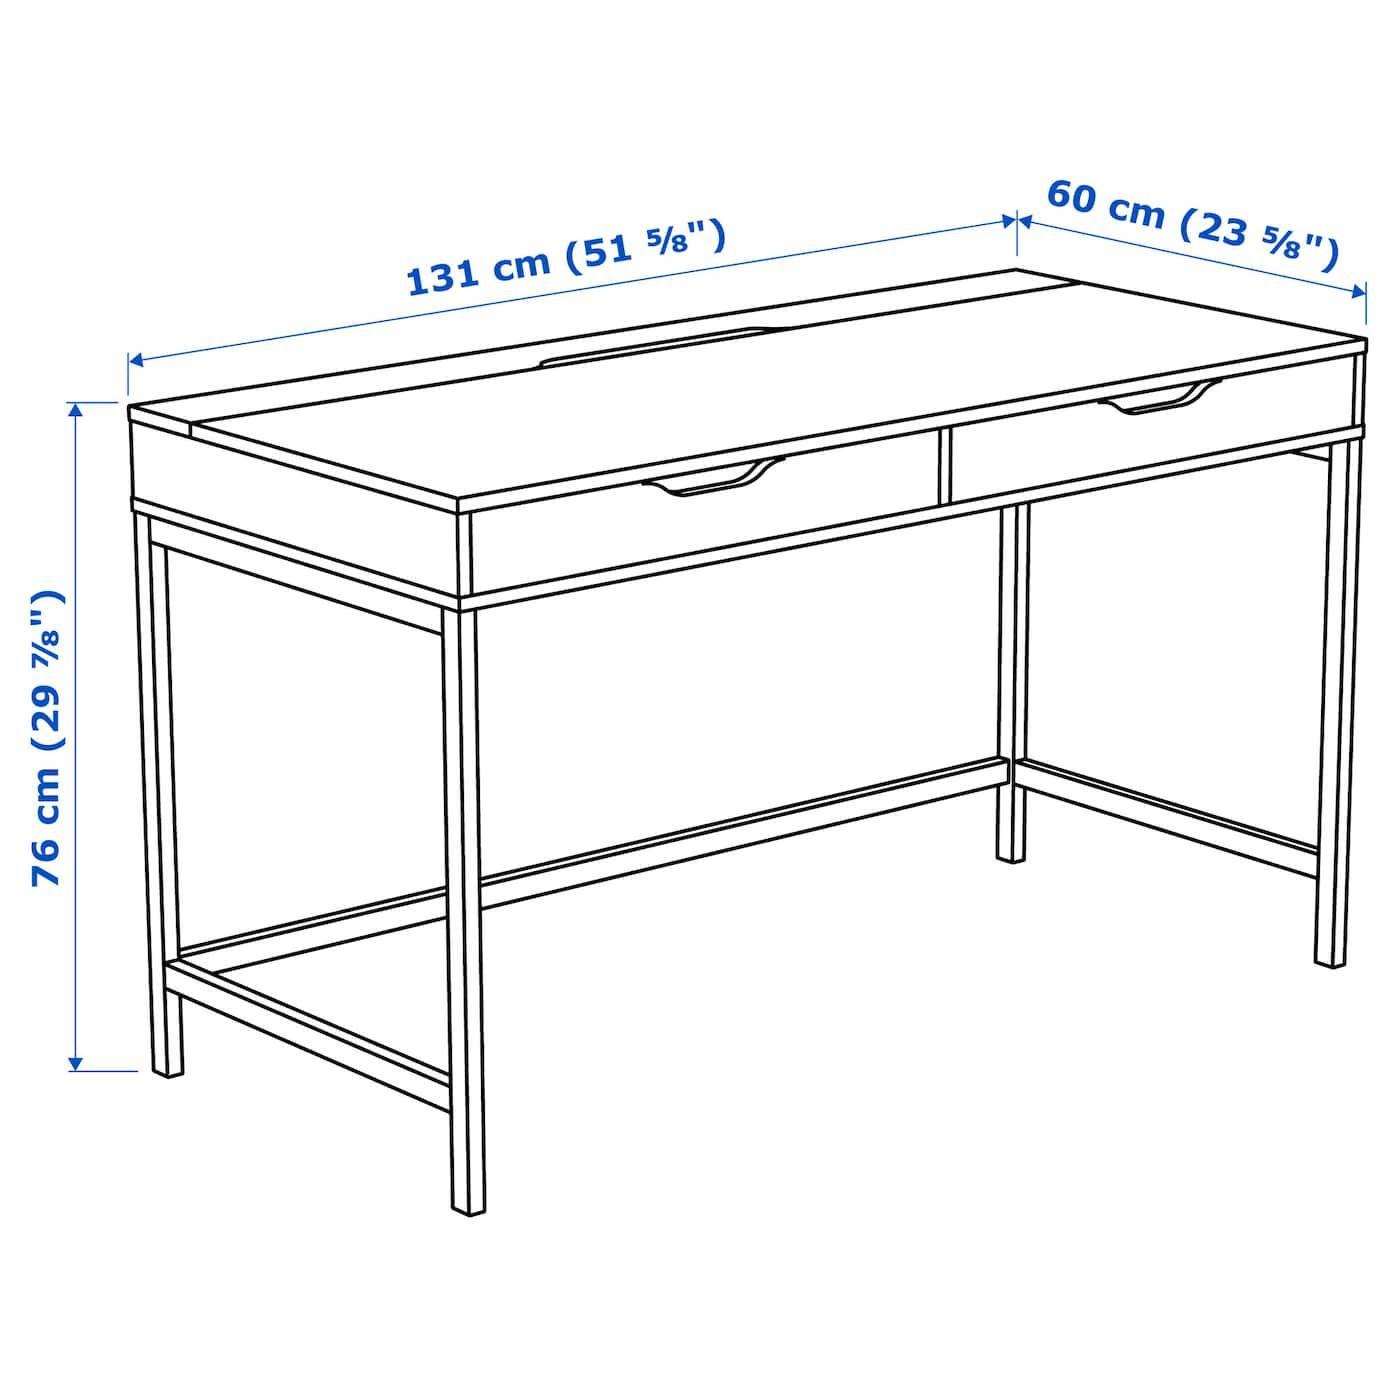 ALEX Desk - white 51 5/8x23 5/8